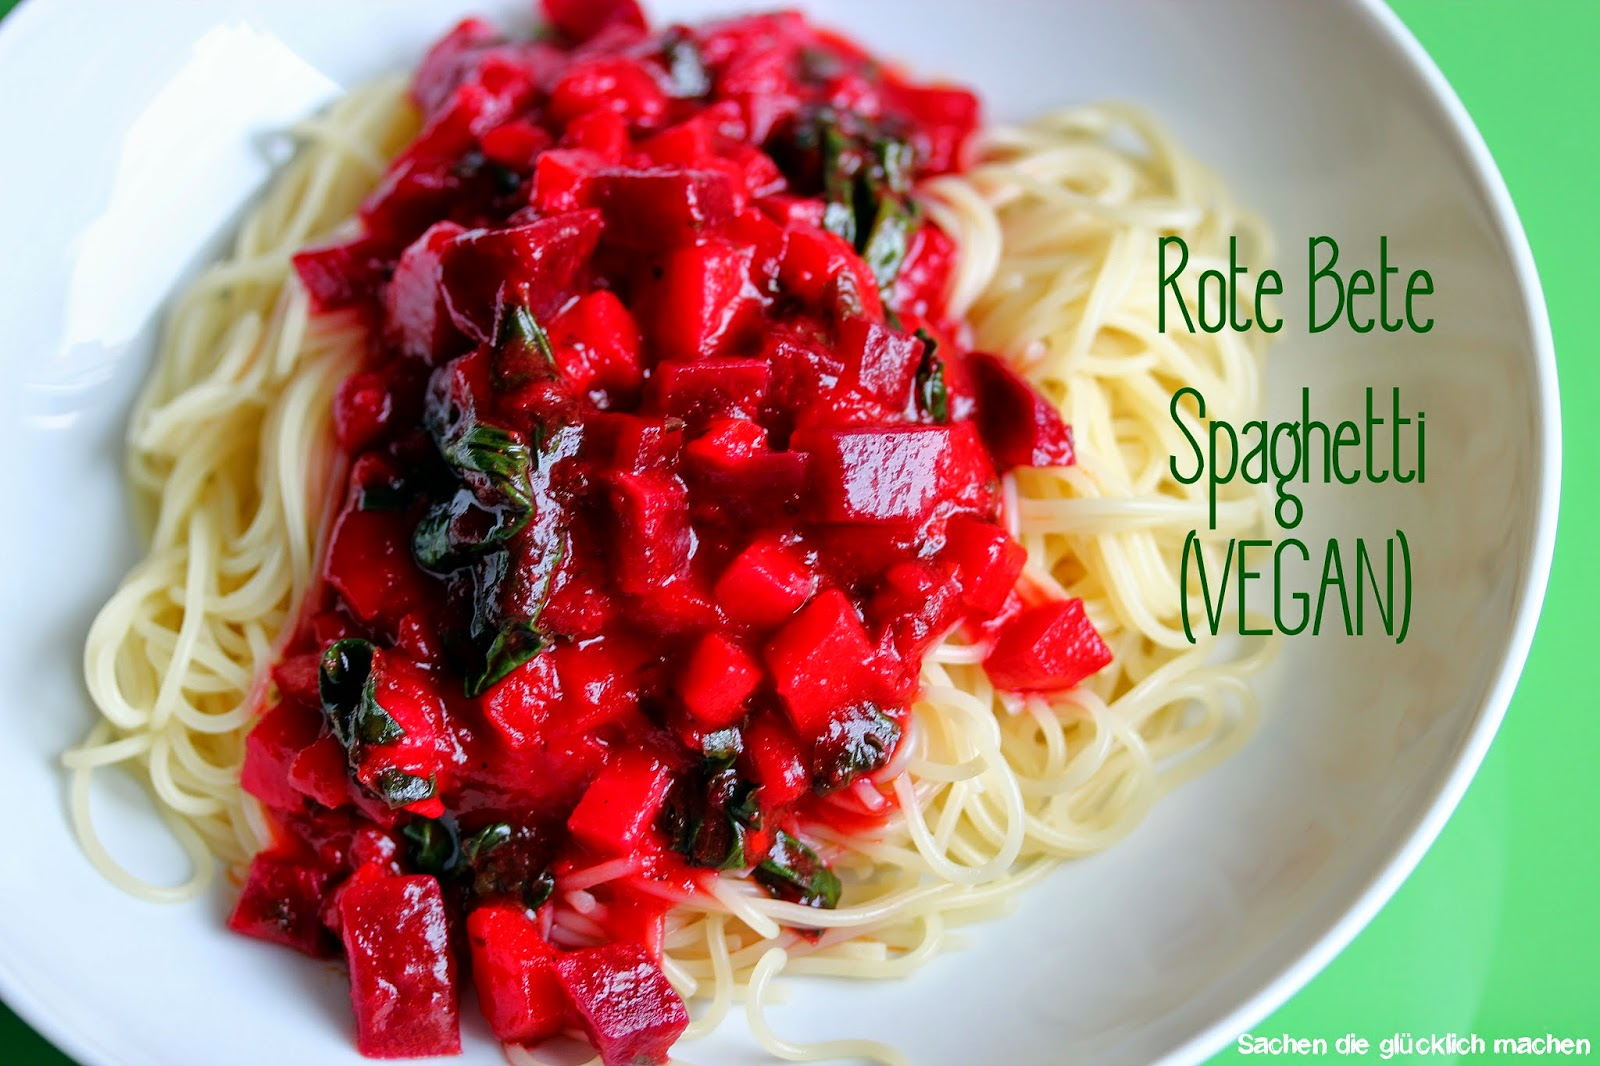 sachen die gl cklich machen rote bete spaghetti vegan. Black Bedroom Furniture Sets. Home Design Ideas